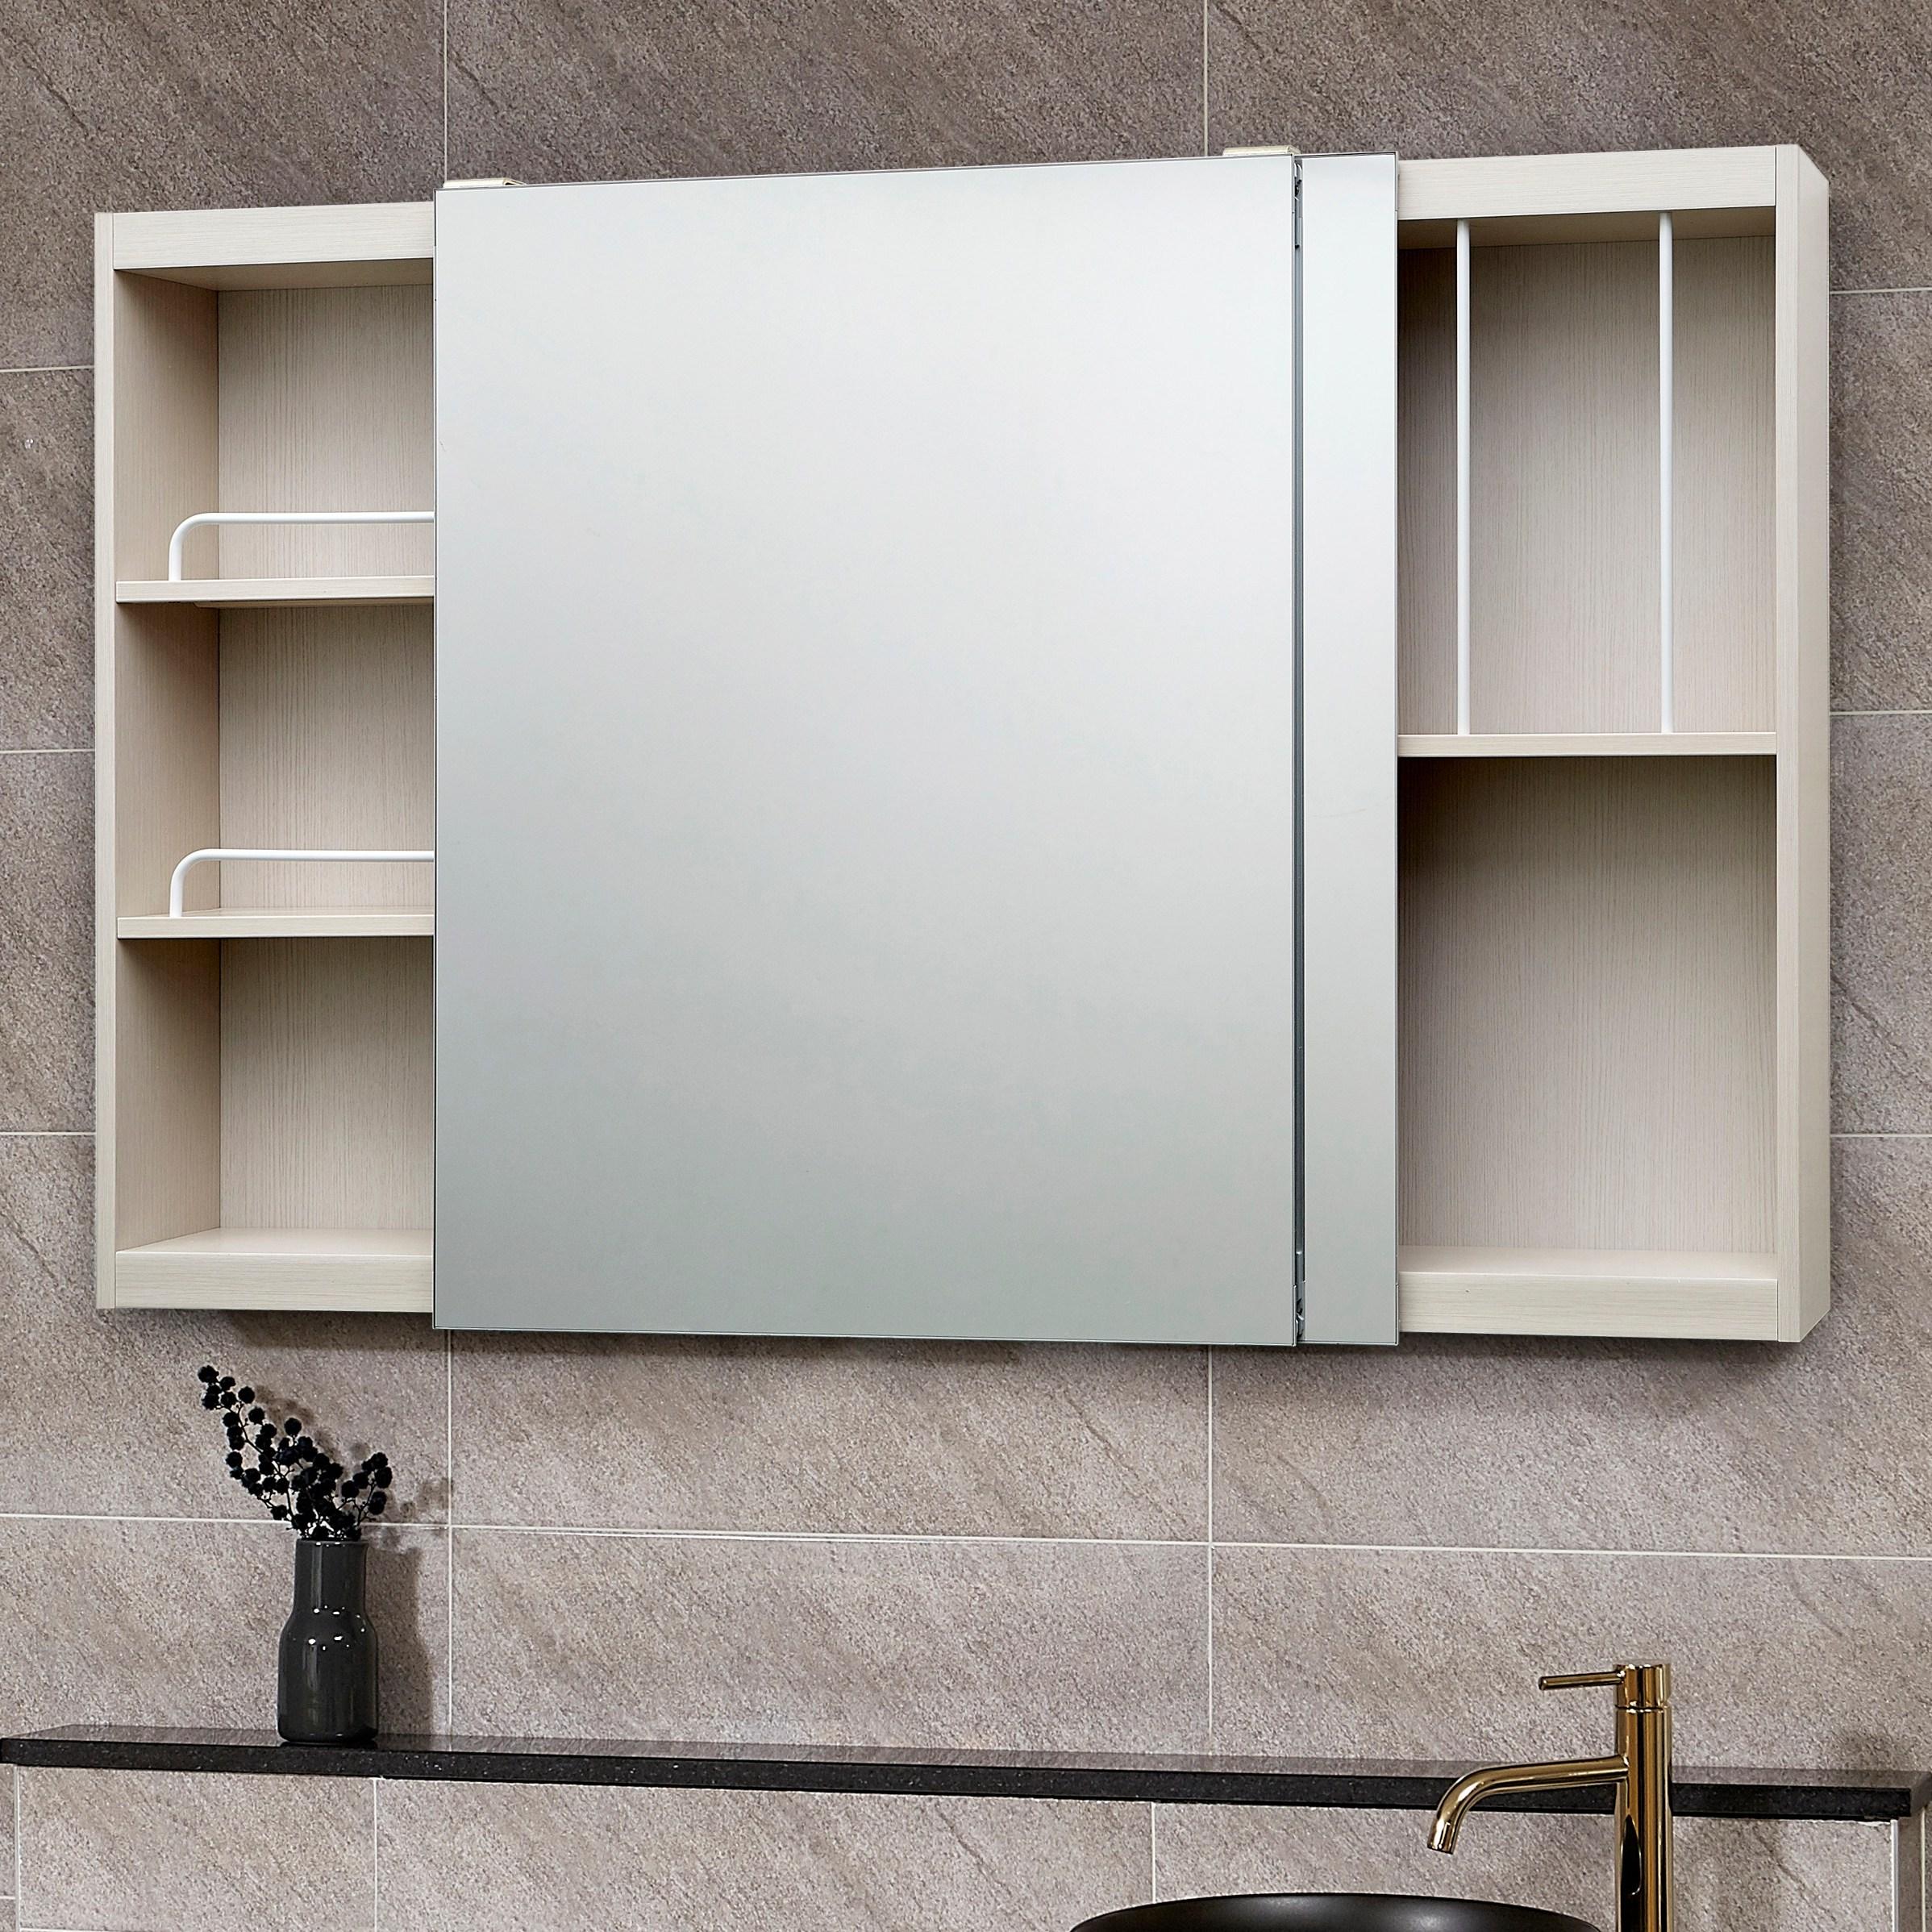 모카 전면 거울 슬라이드 도어 욕실 수납장(1200X800), 심플아이보리, 1개